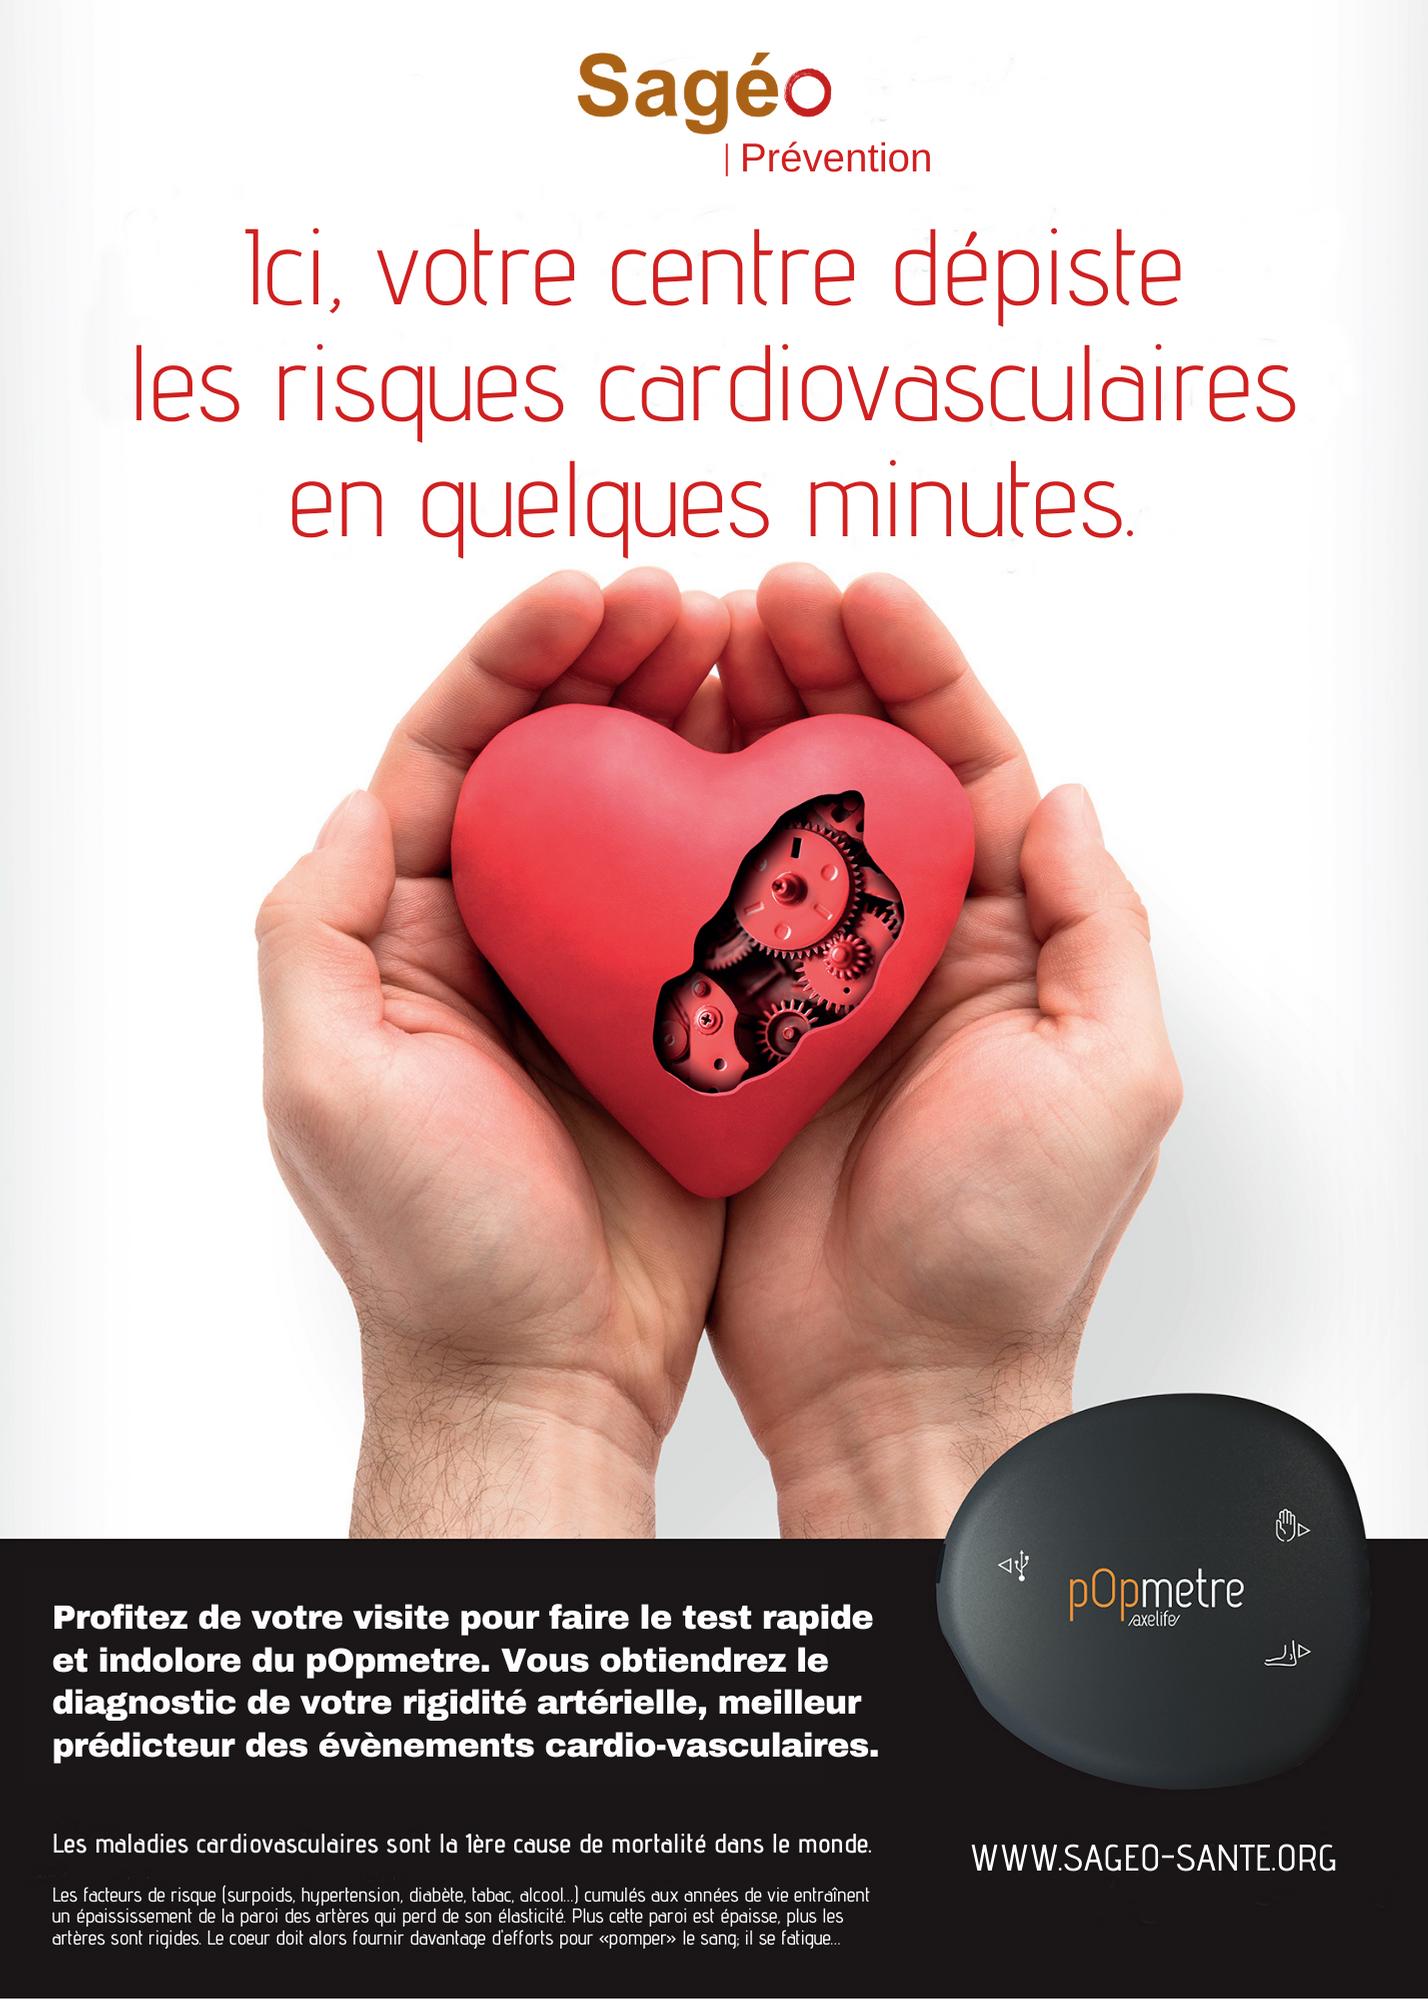 Sagéo renforce la prévention cardiovasculaire dans ses pôles de santé